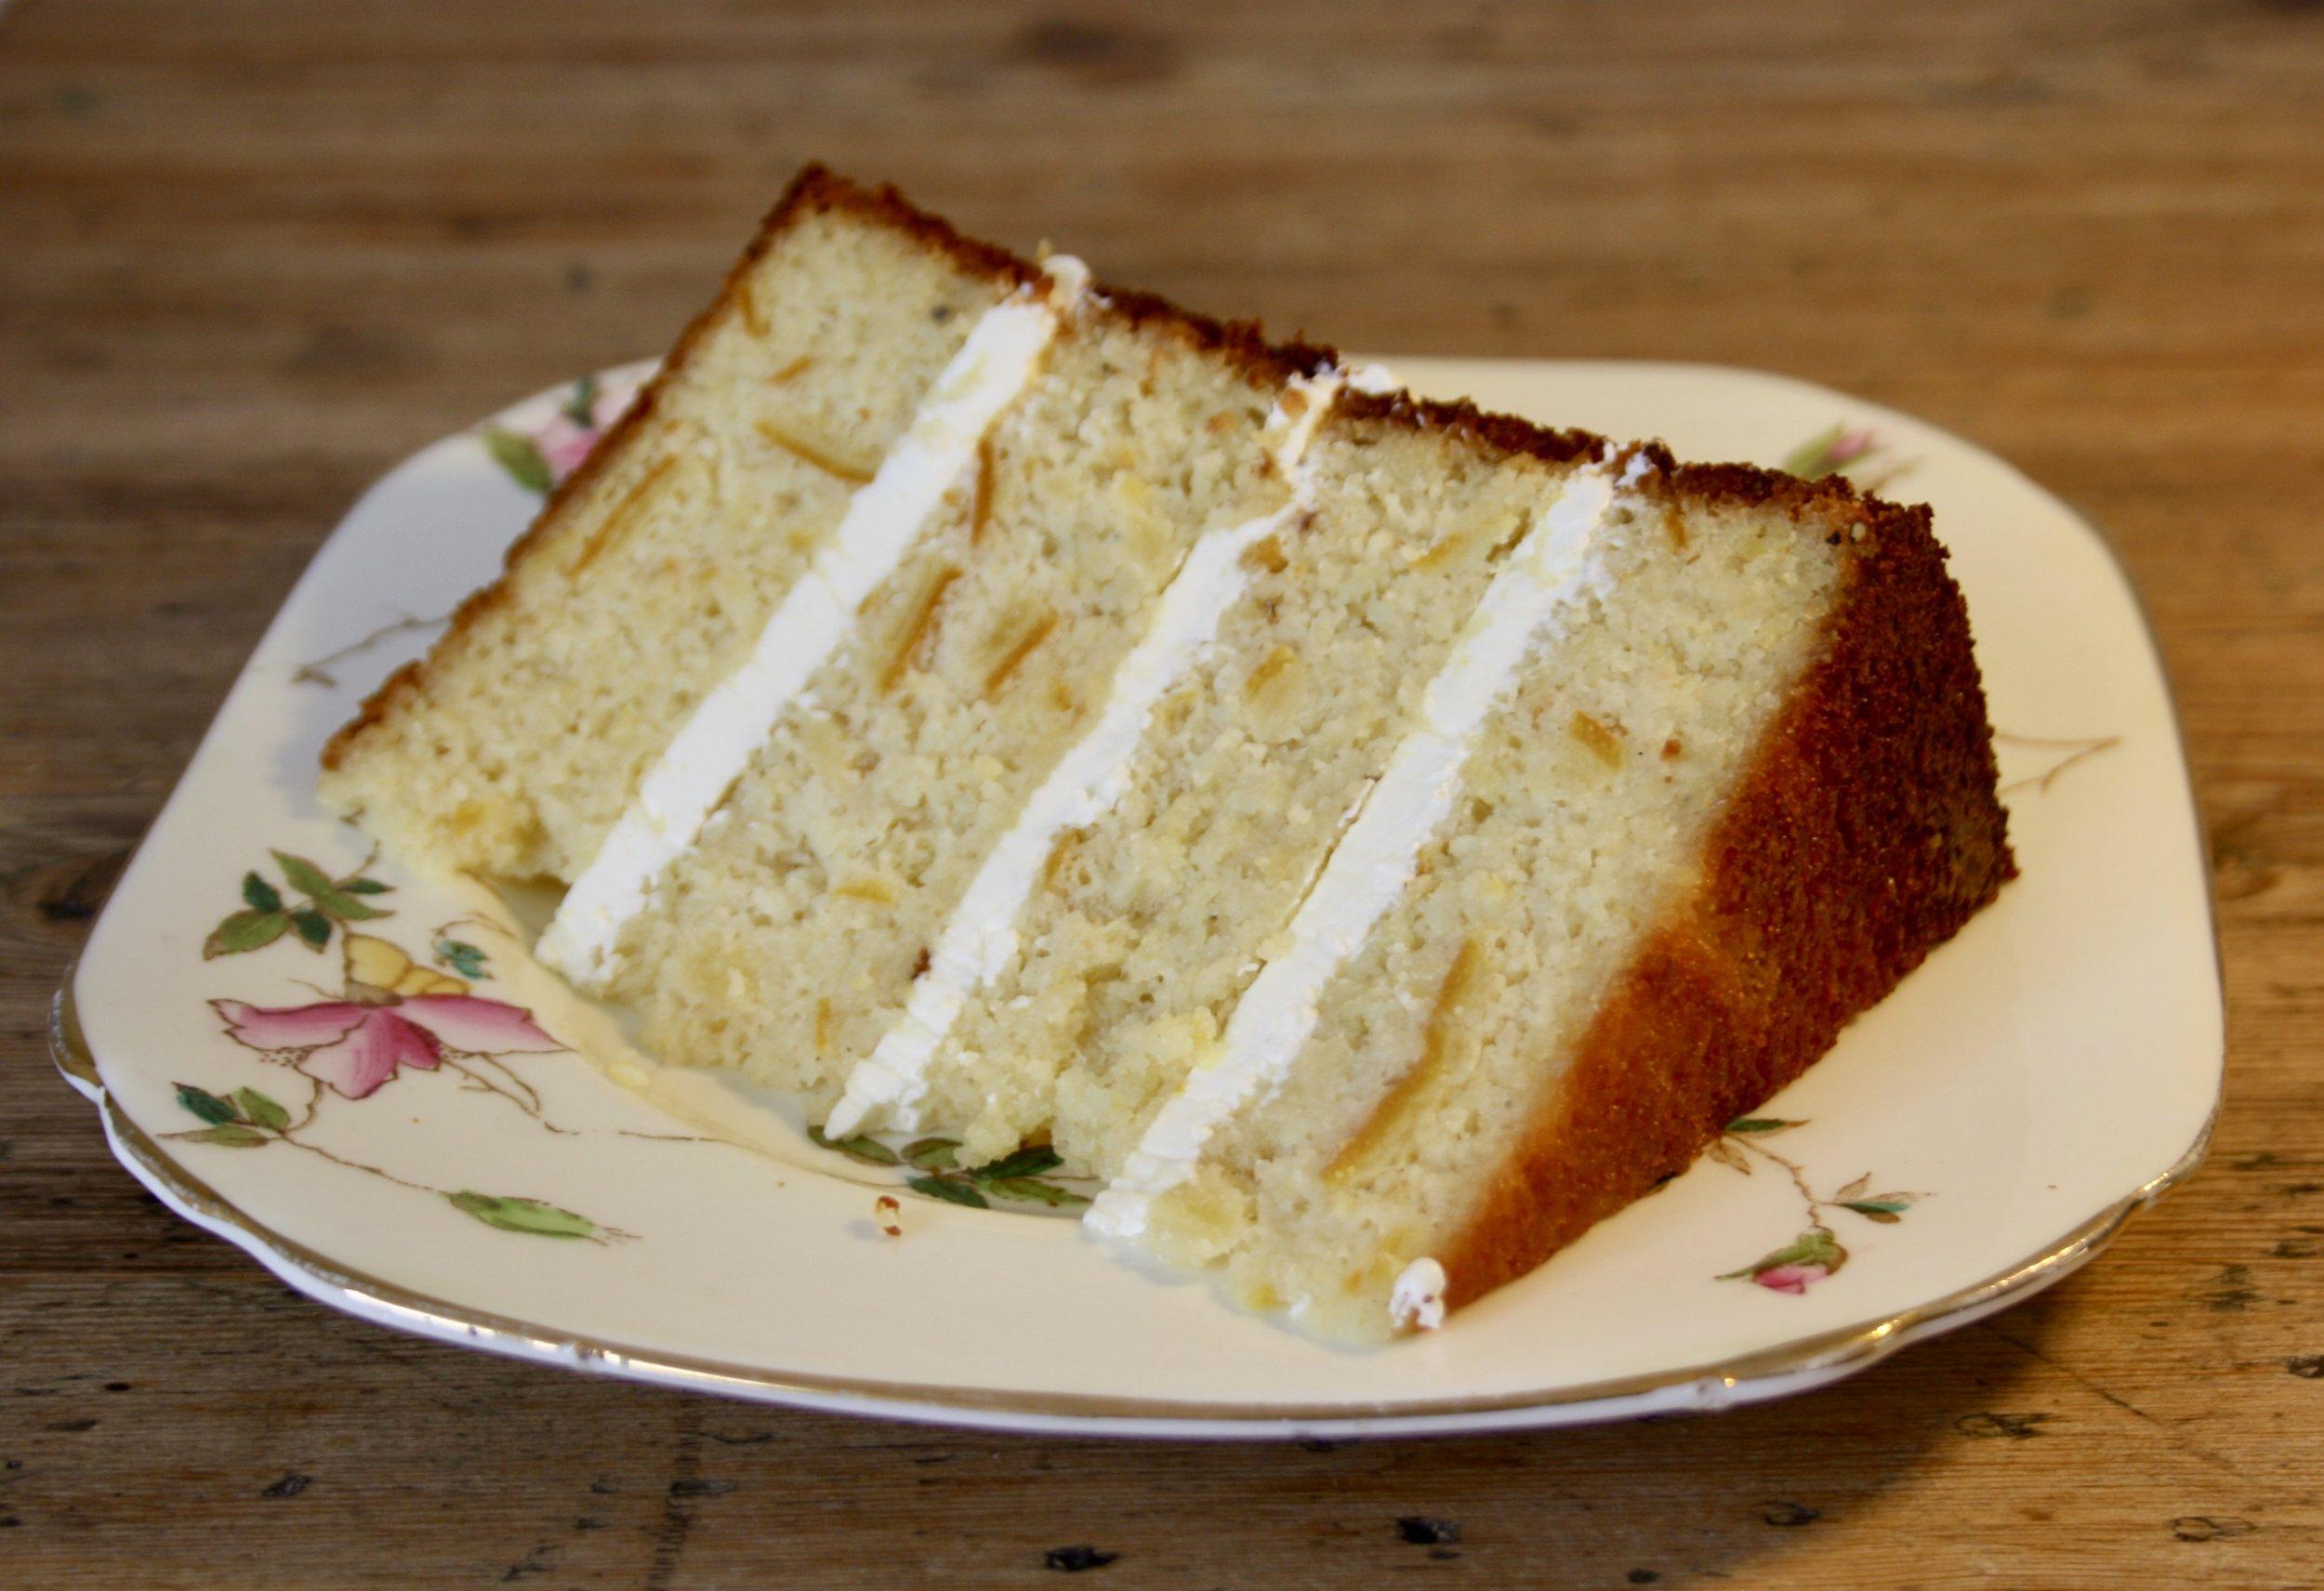 orange-almond-cardamon-cake.jpeg